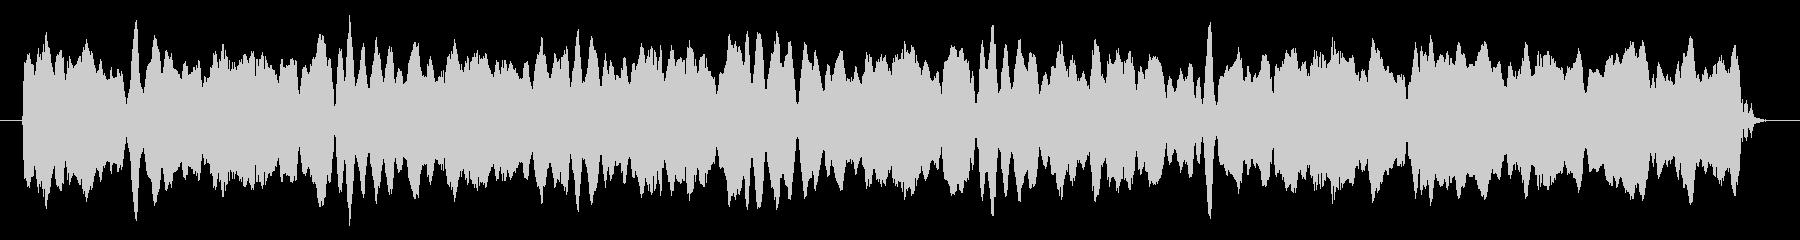 8bitパワーU-D-02-3_dryの未再生の波形